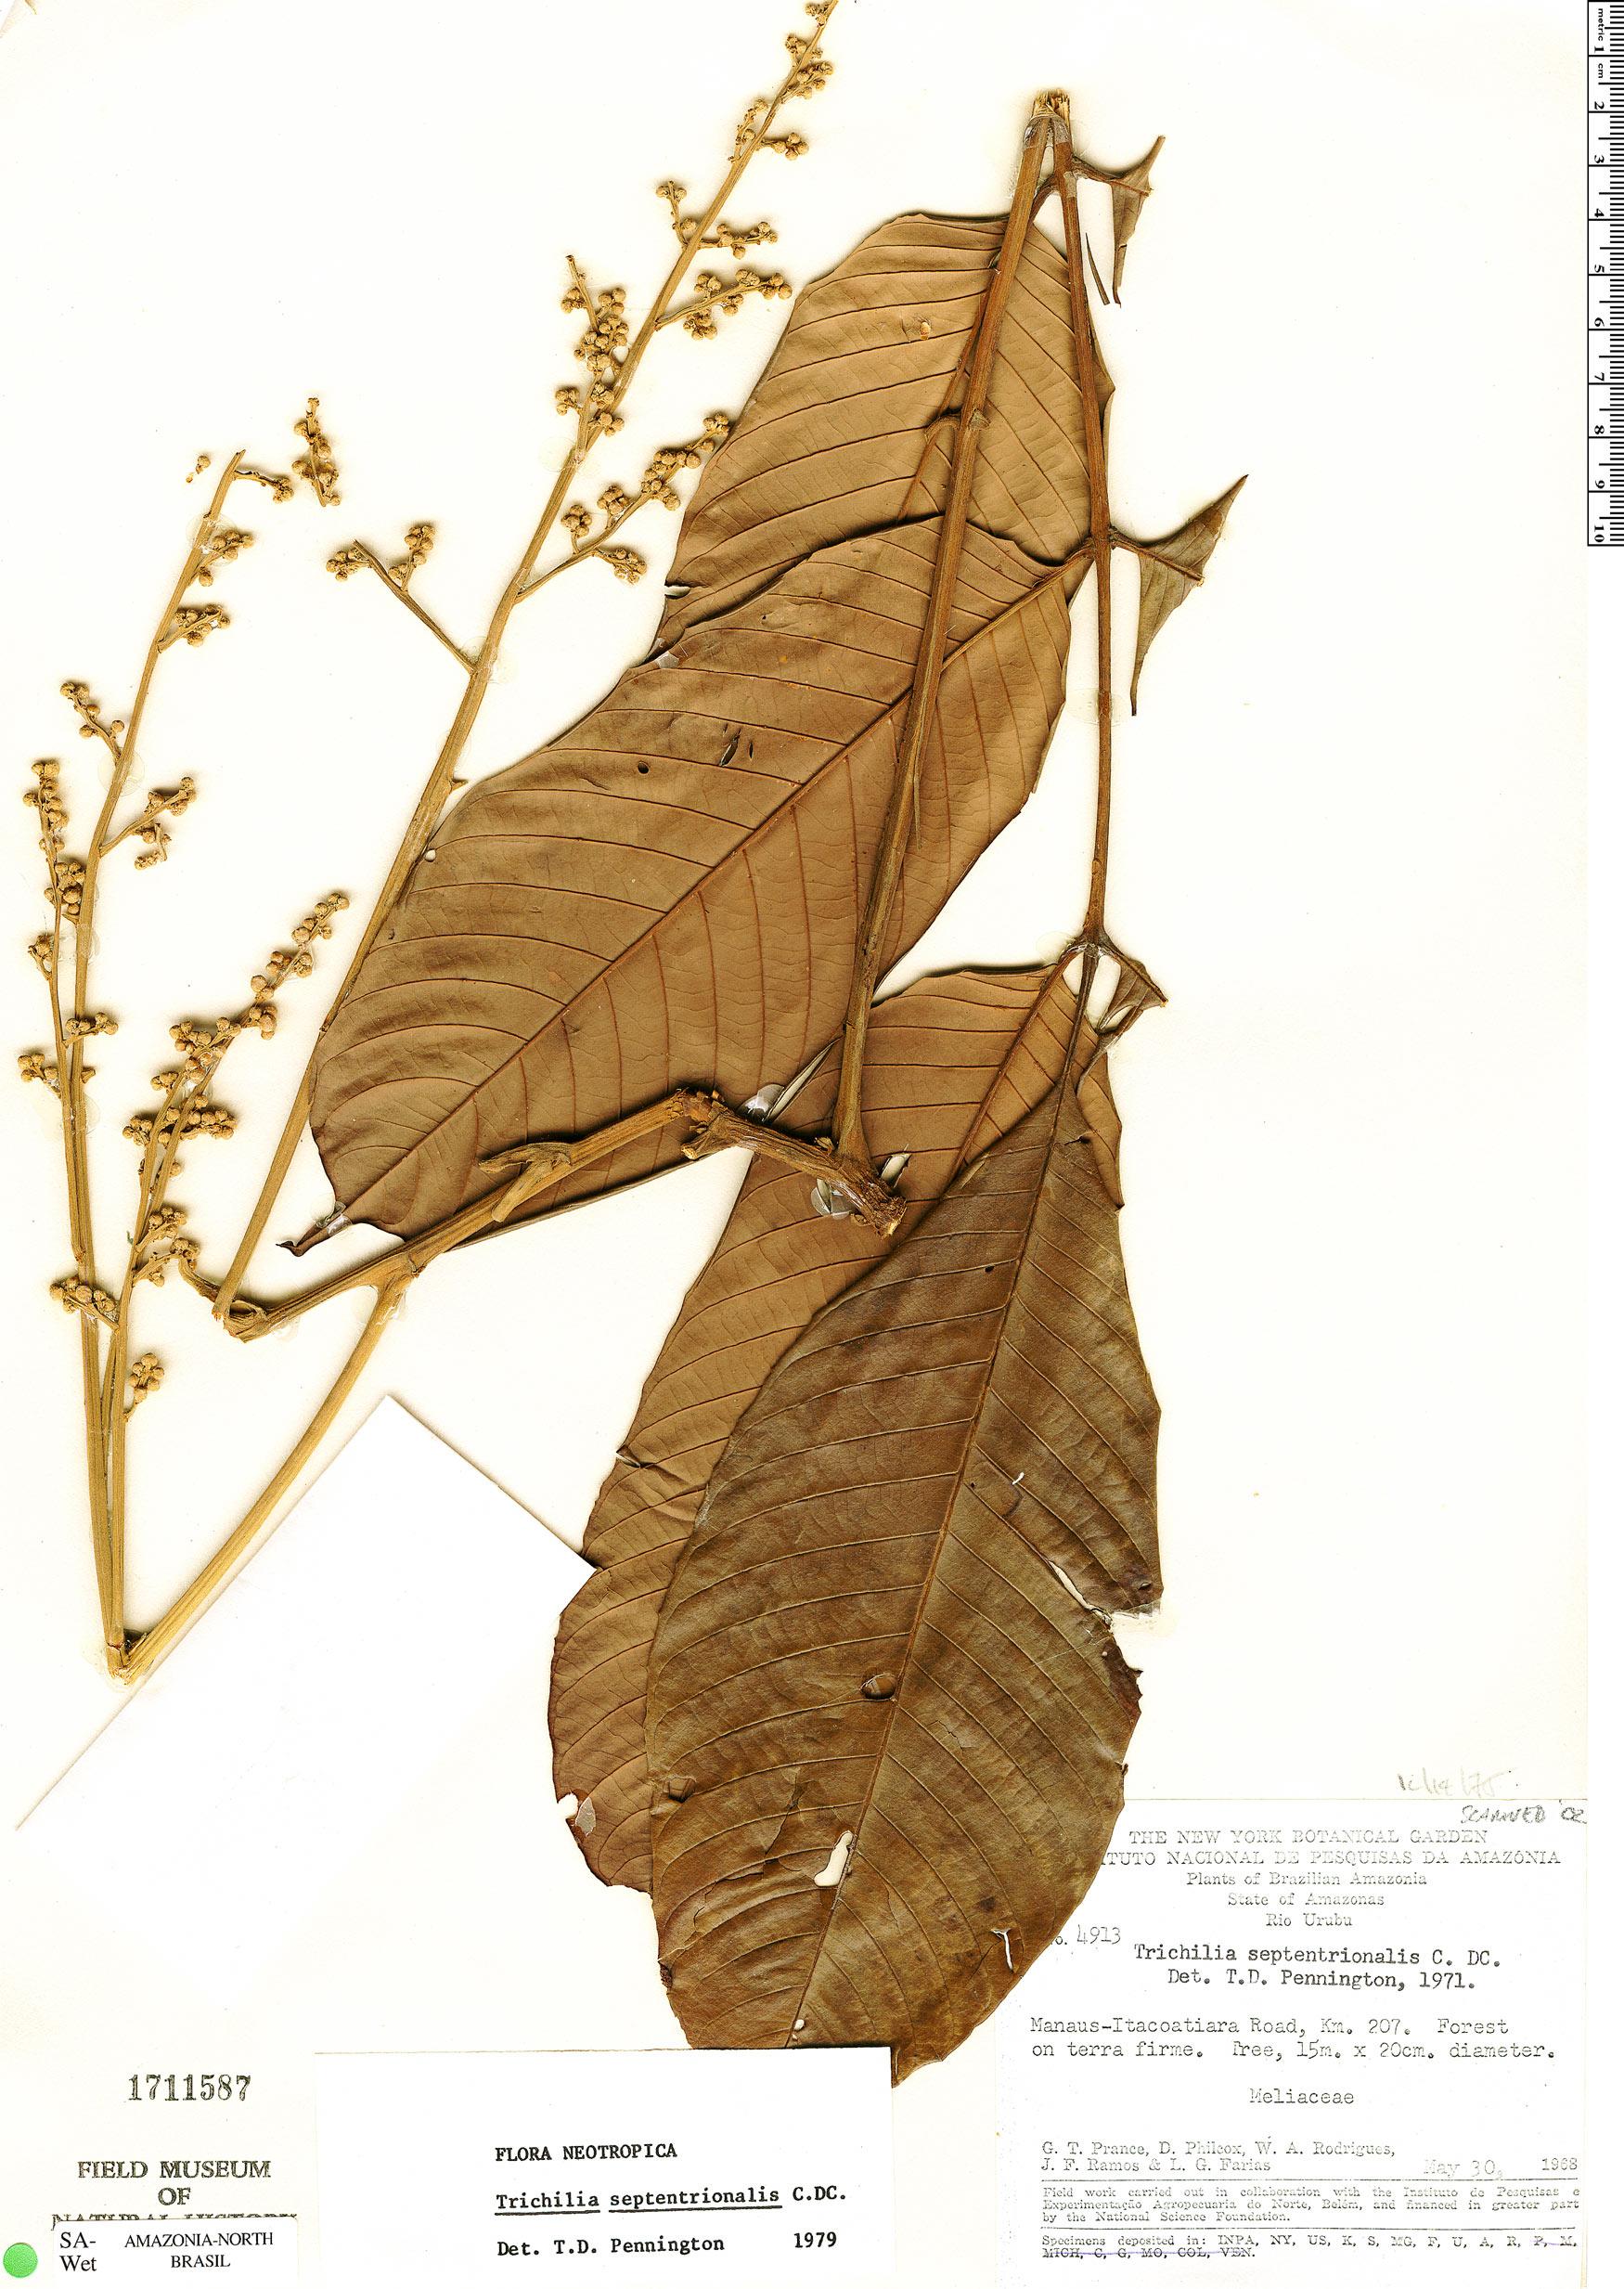 Espécime: Trichilia septentrionalis